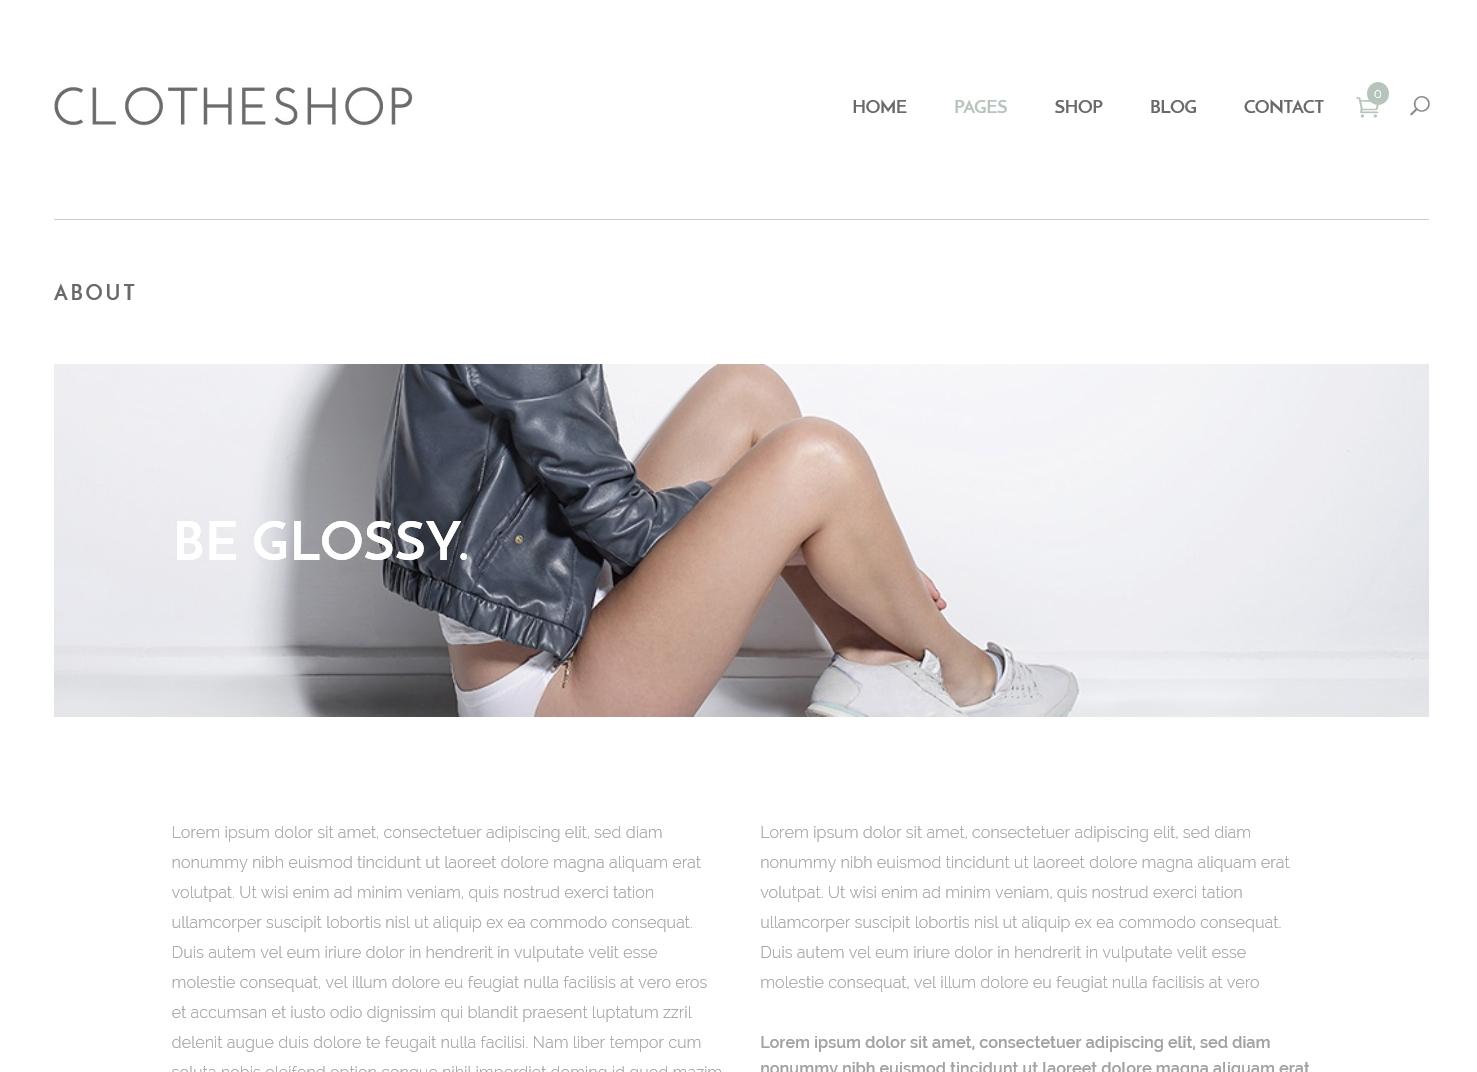 表面功夫版型參考-輕柔風格購物網站-About Page